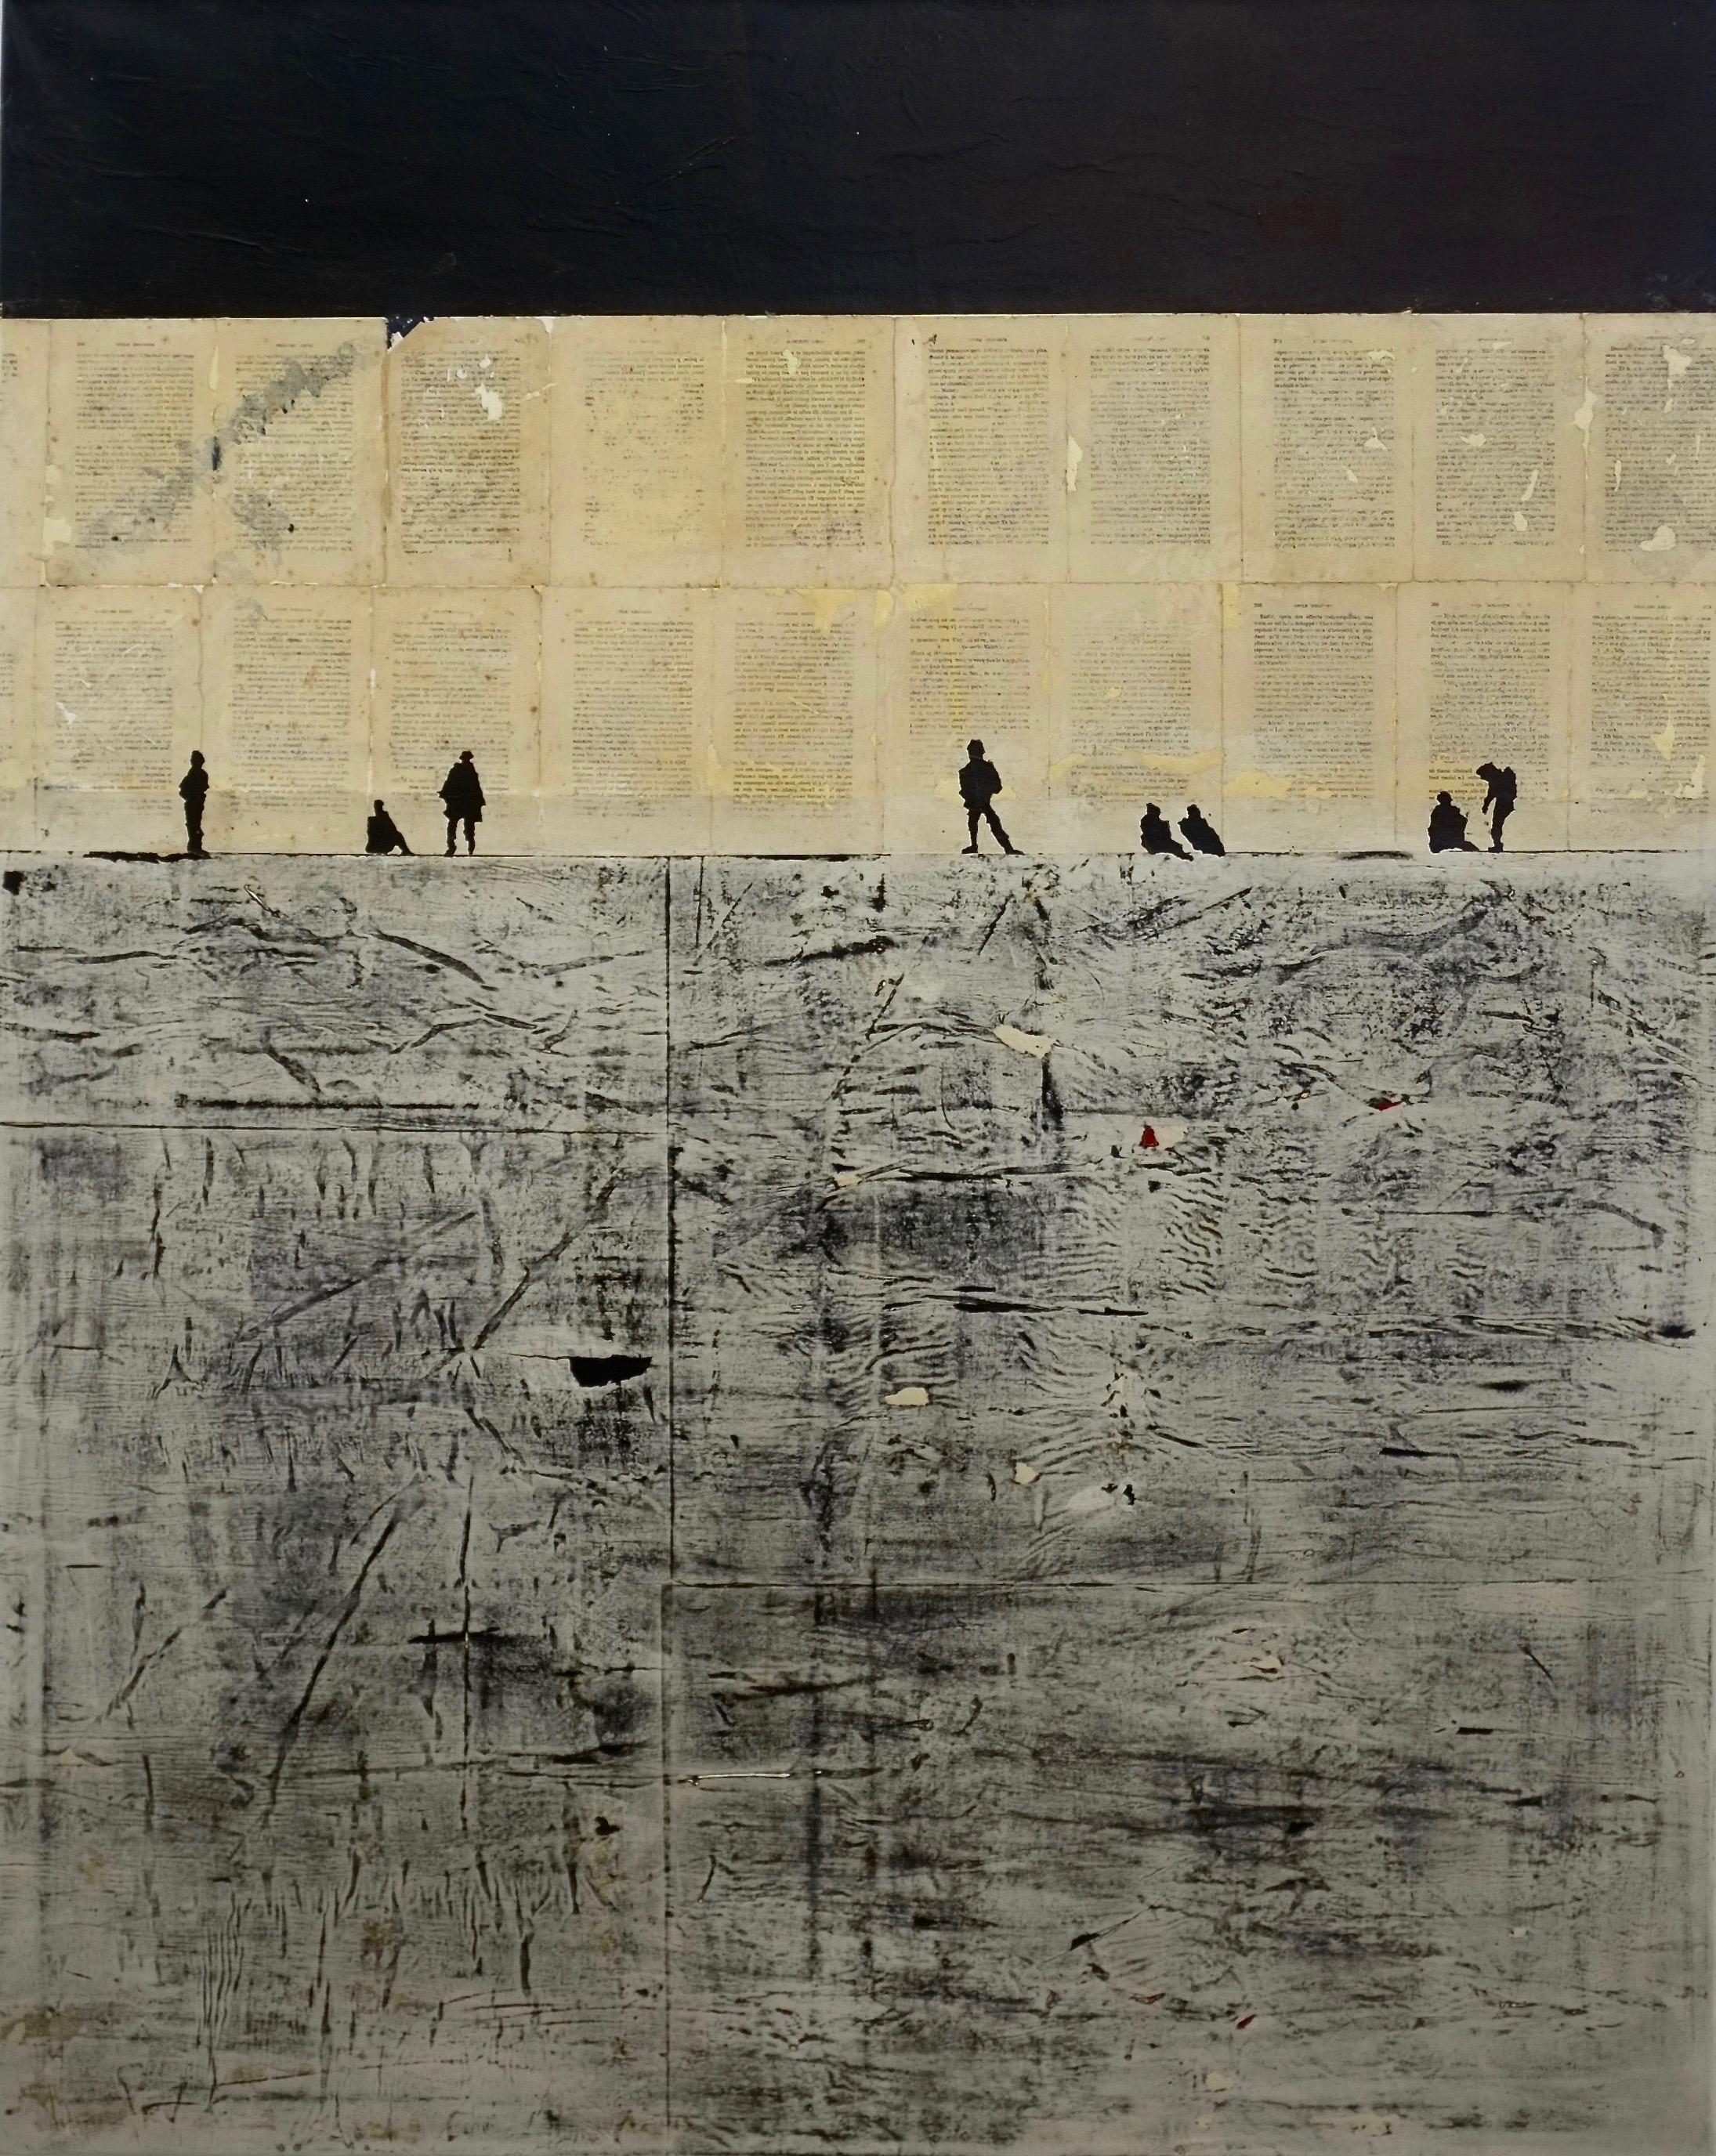 Murs et écritures - 2017 - Technique mixte sur papier, marouflé sur toile -150 x 120 cm